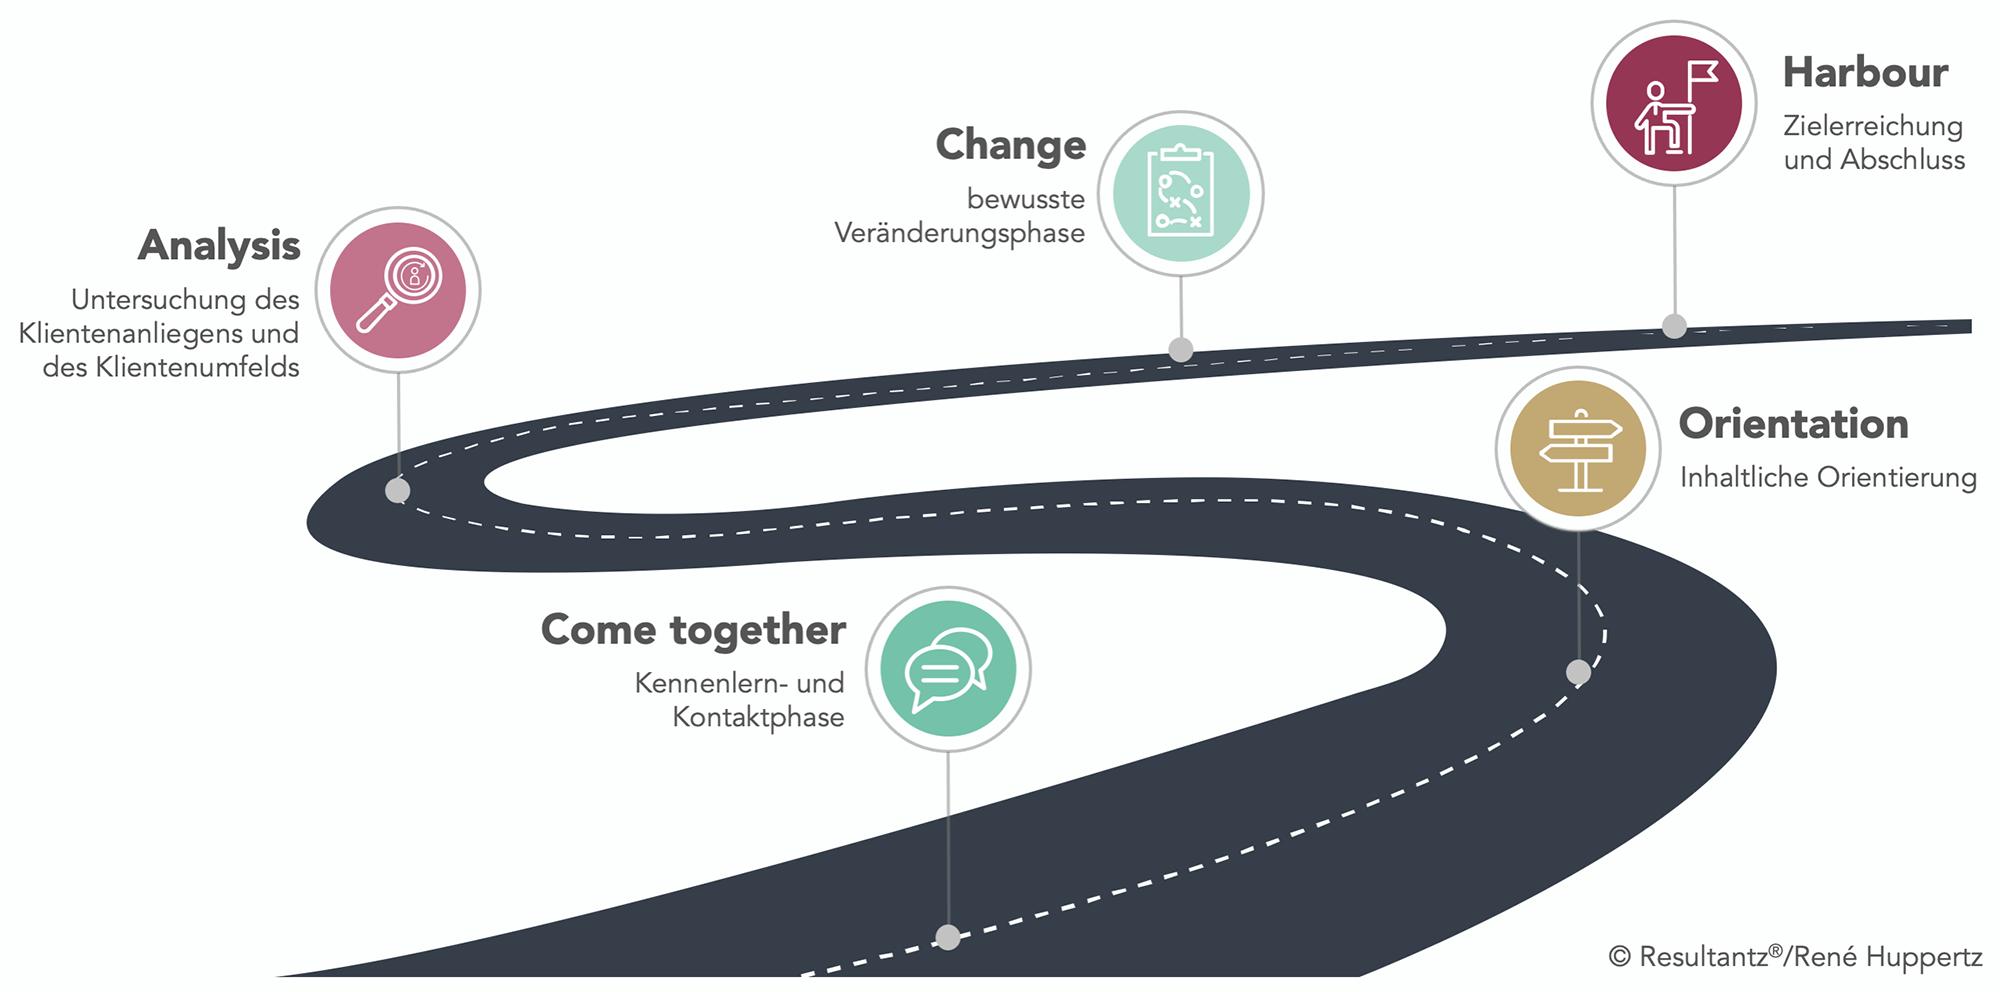 Der Coachingprozess nach dem COACH-Modell